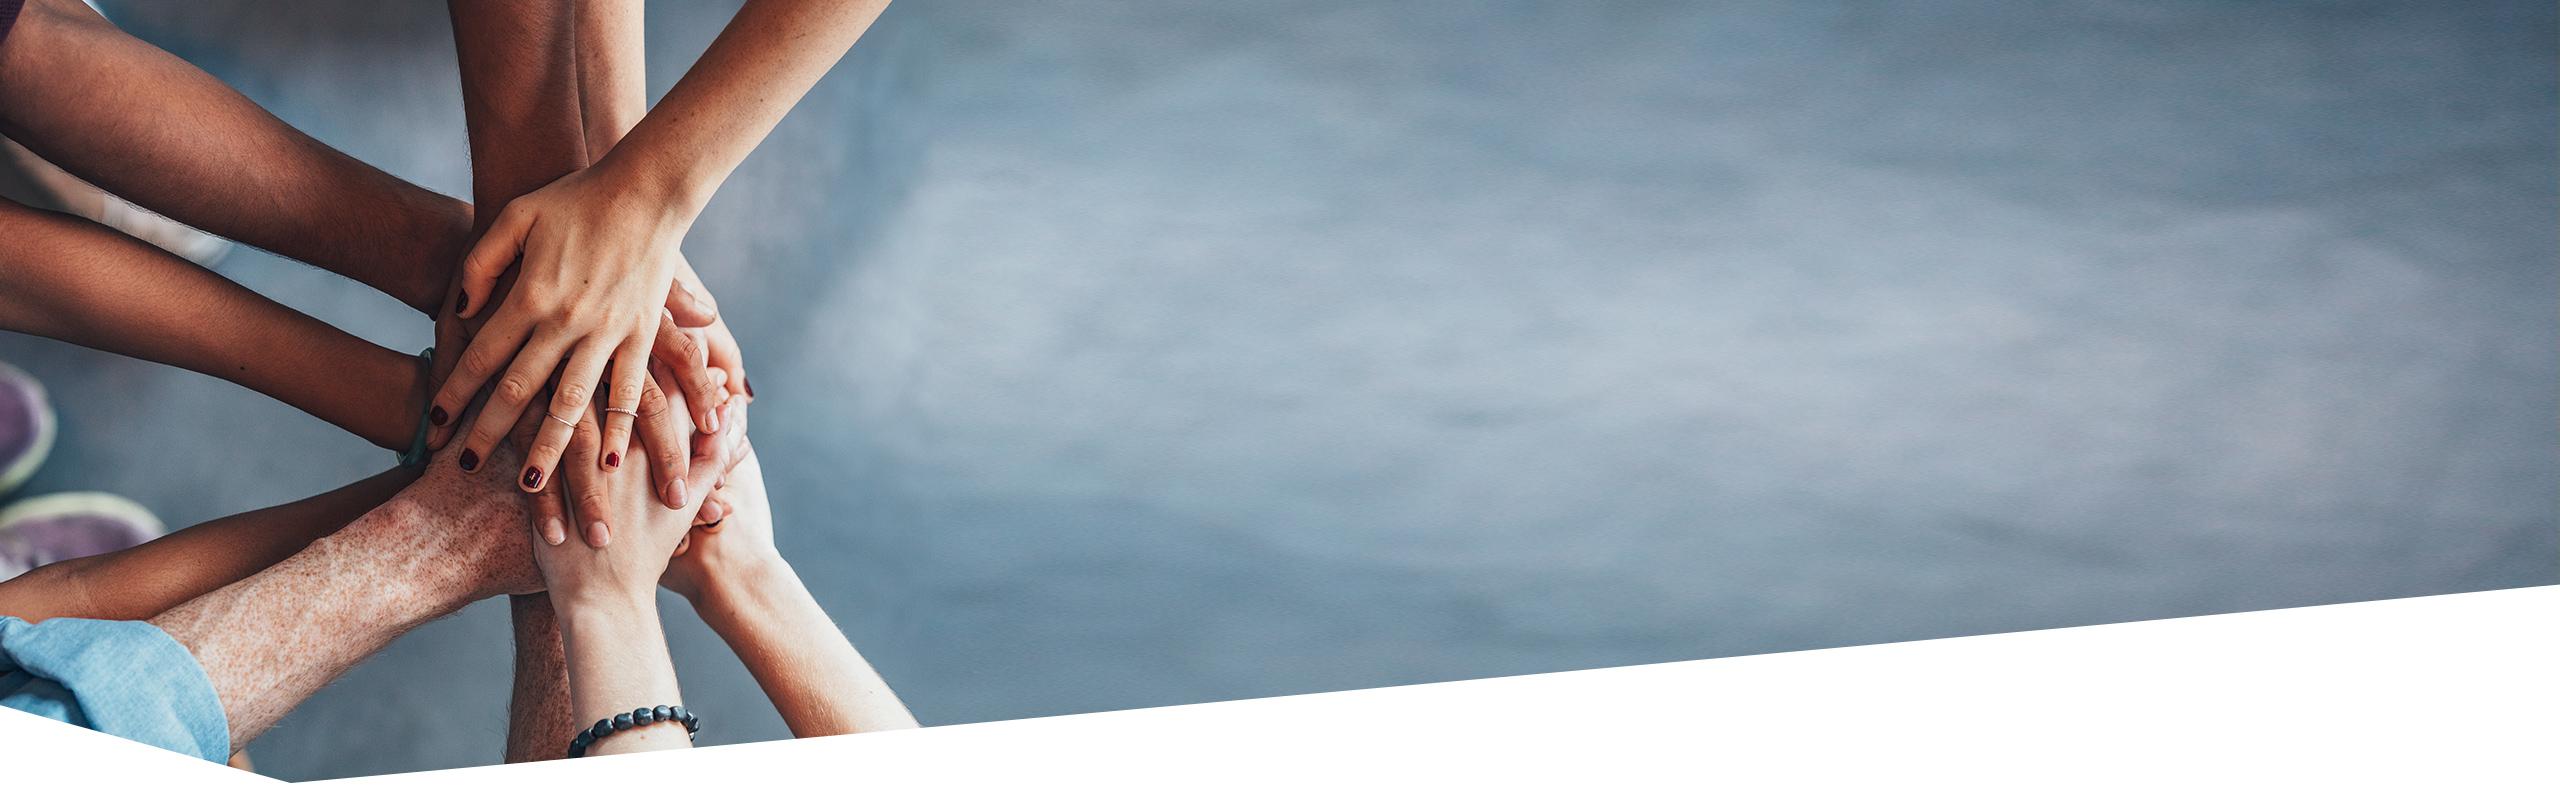 Links im Bild Hände von fünf Personen übereinander gelegt, Arme bilden Kreis, rechts graue Fläche